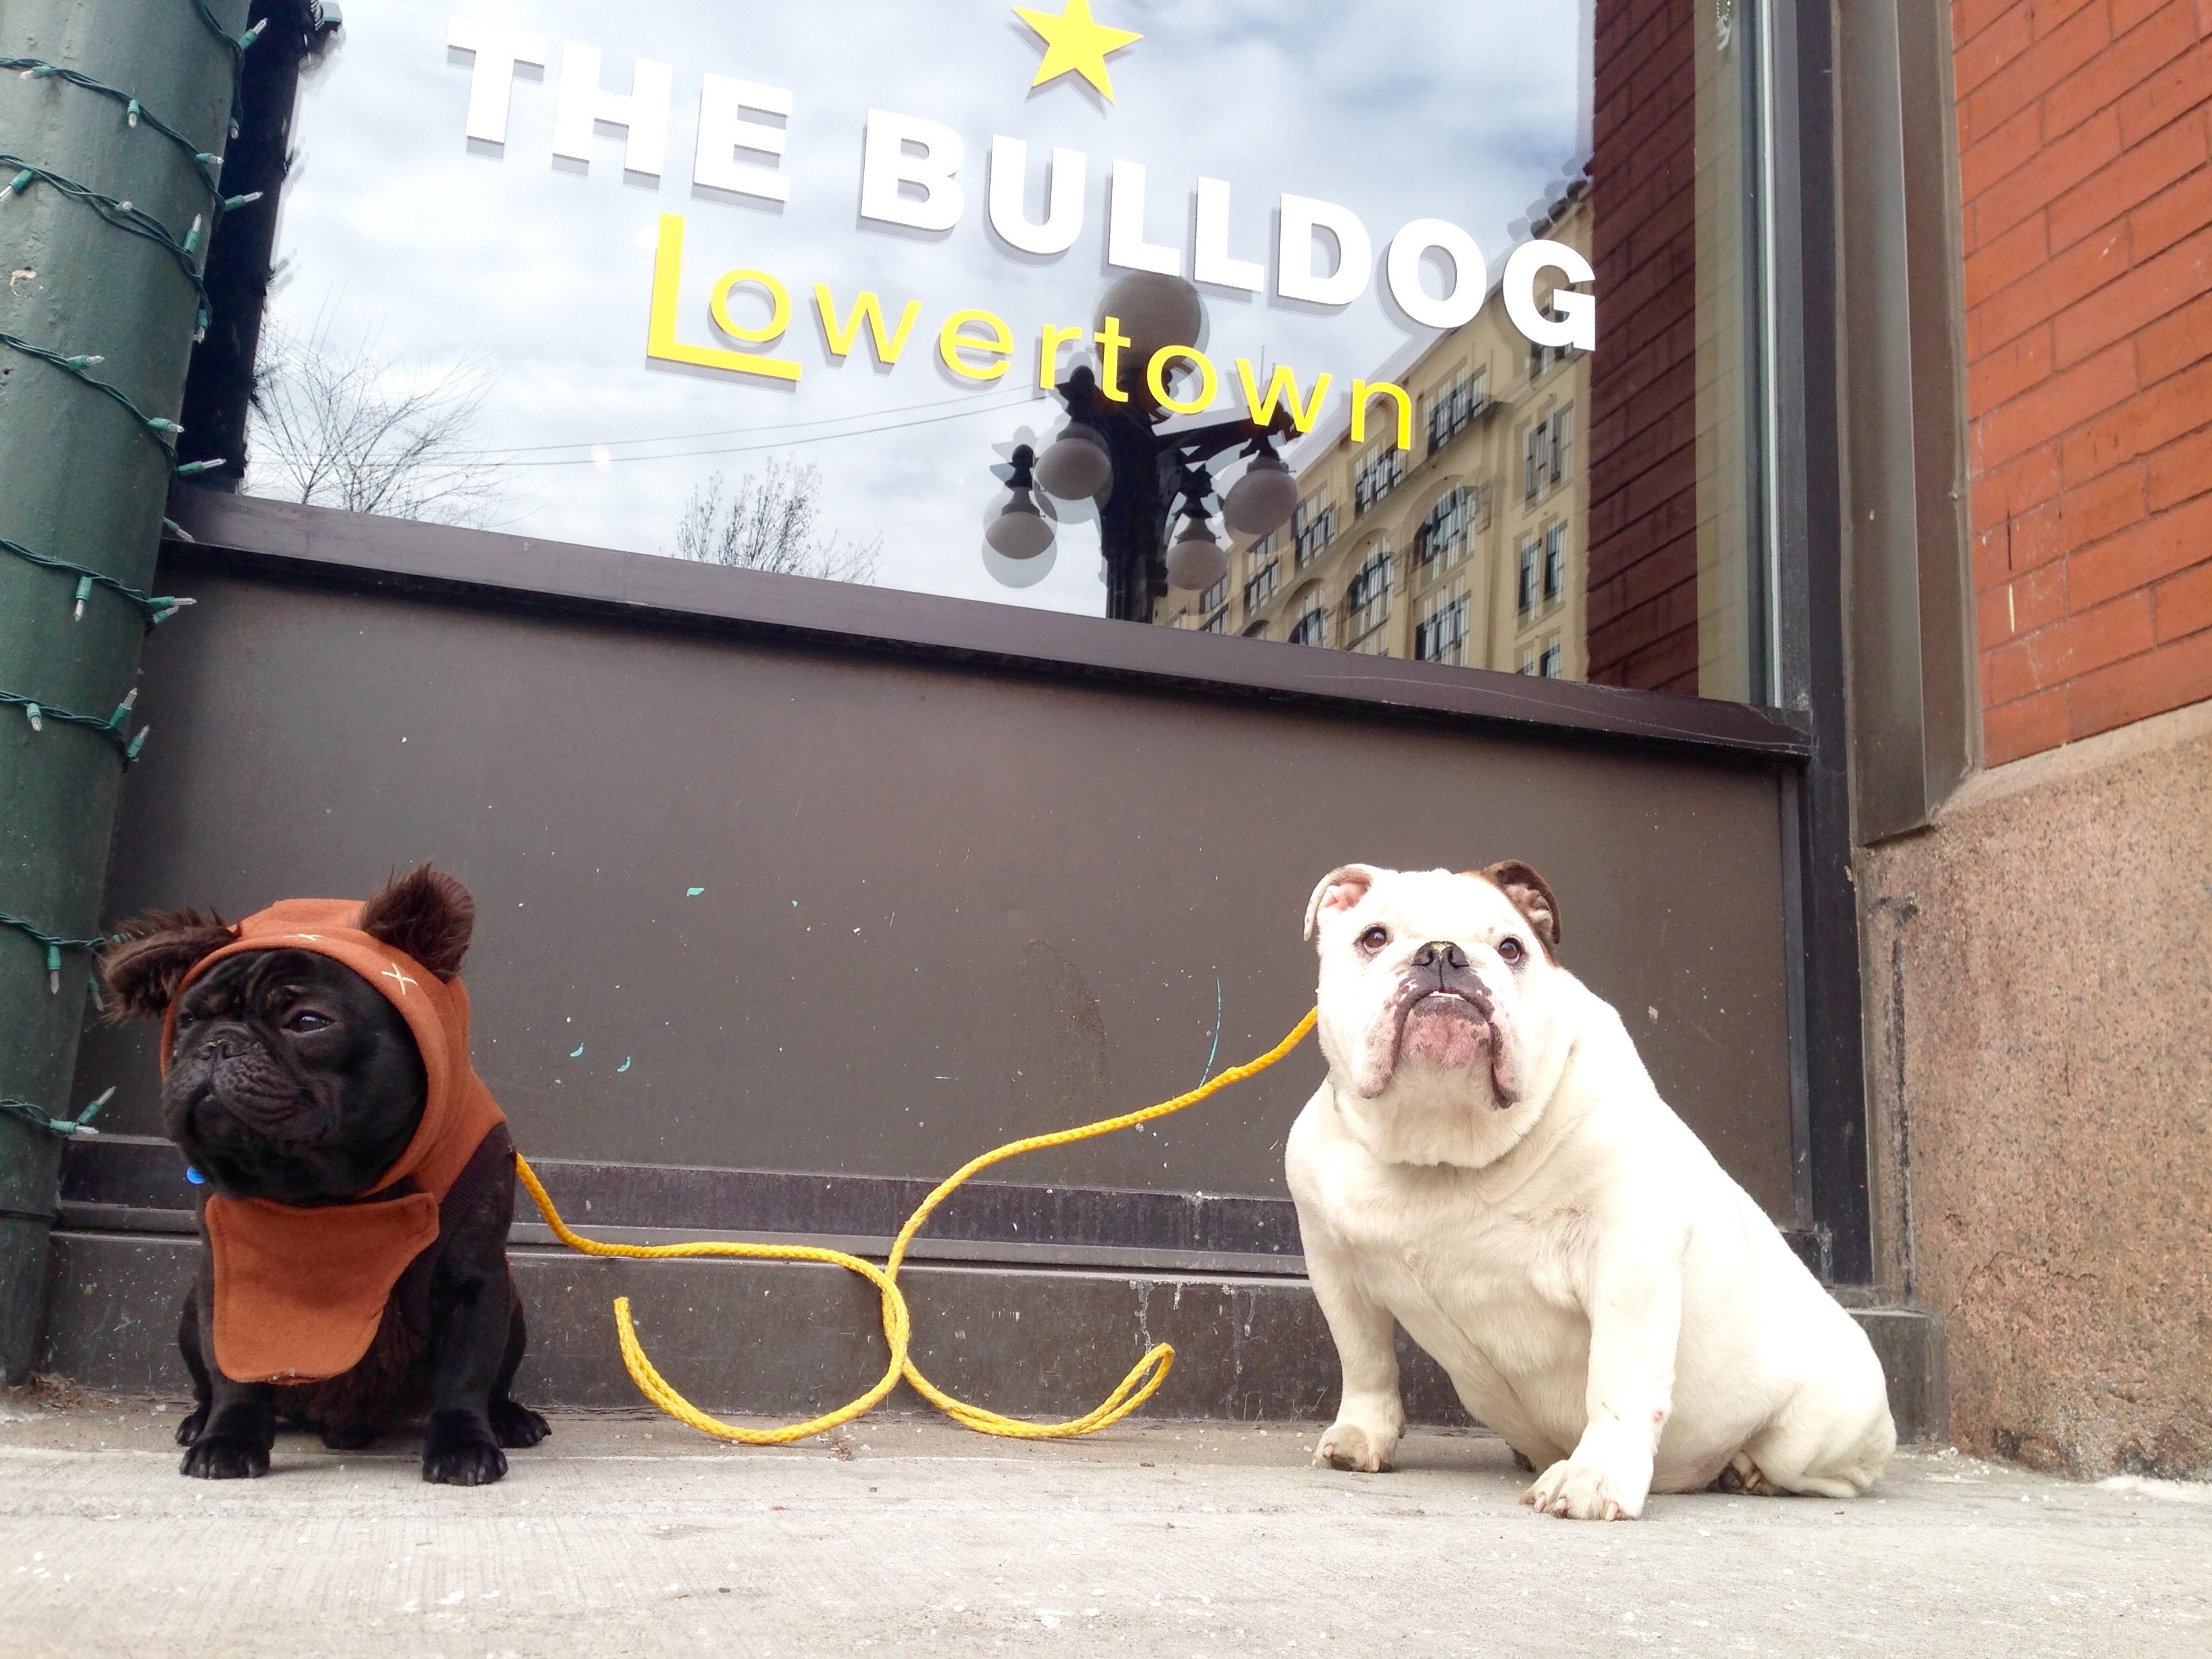 The Bulldog(s)